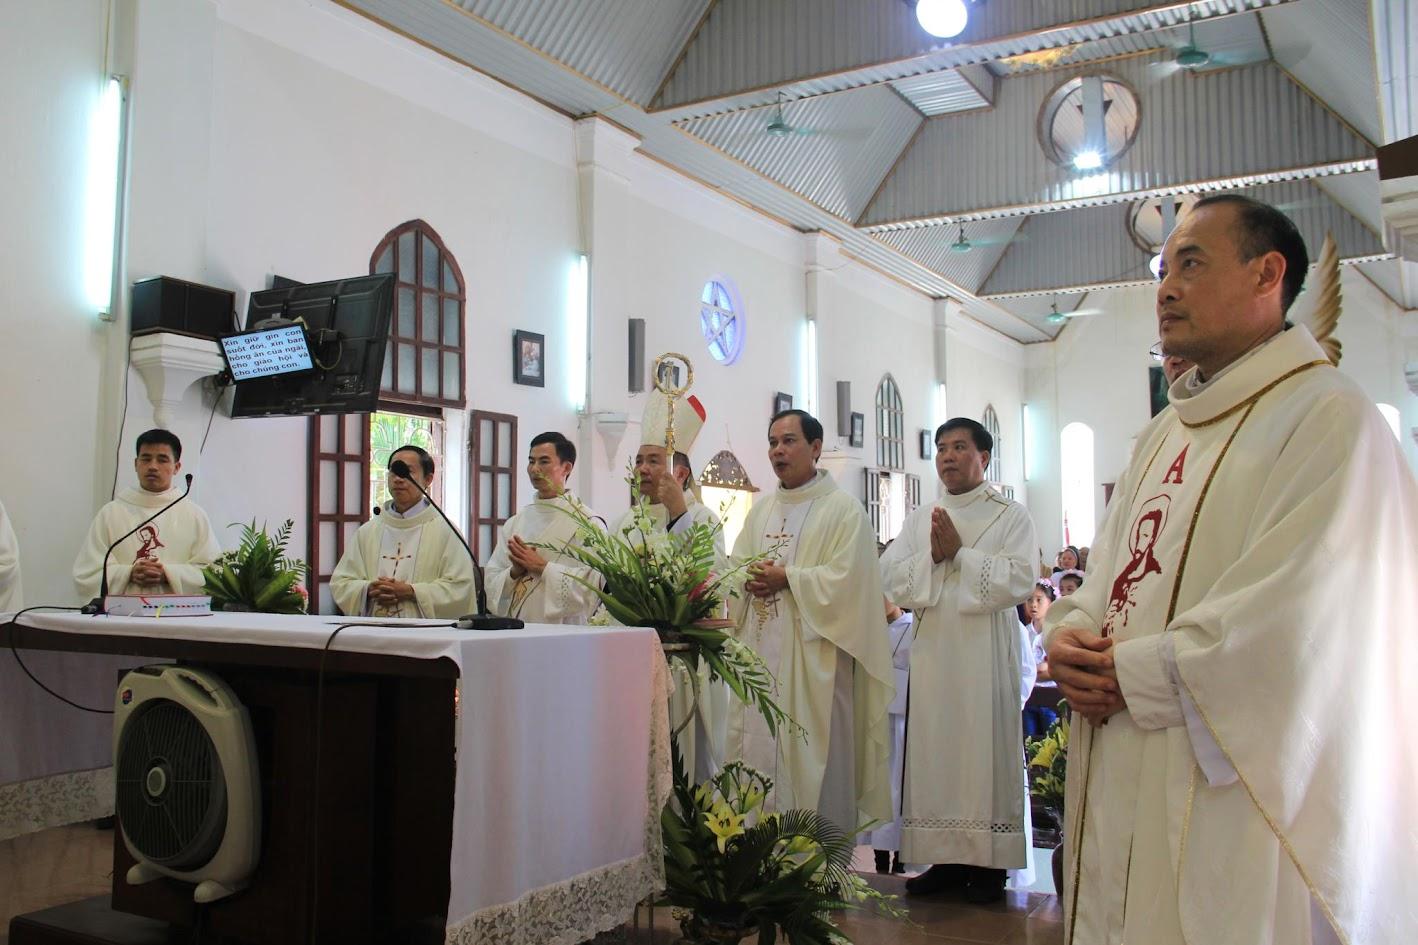 Giáo xứ Ngạn Sơn: Thánh lễ Bổn mạng và Làm phép Nhà mới - Ảnh minh hoạ 23